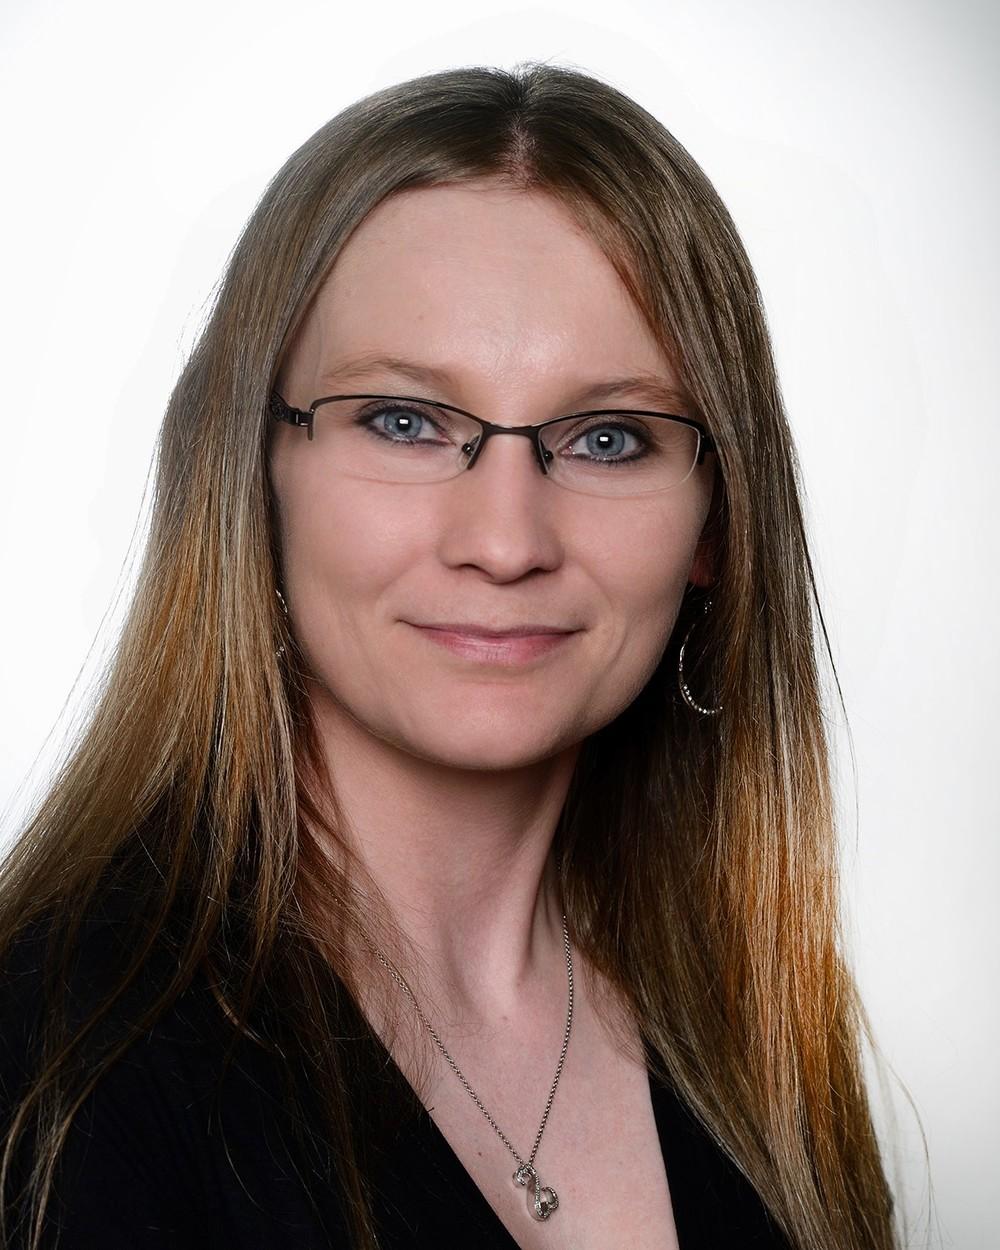 Krystle Walker: Operations Manager